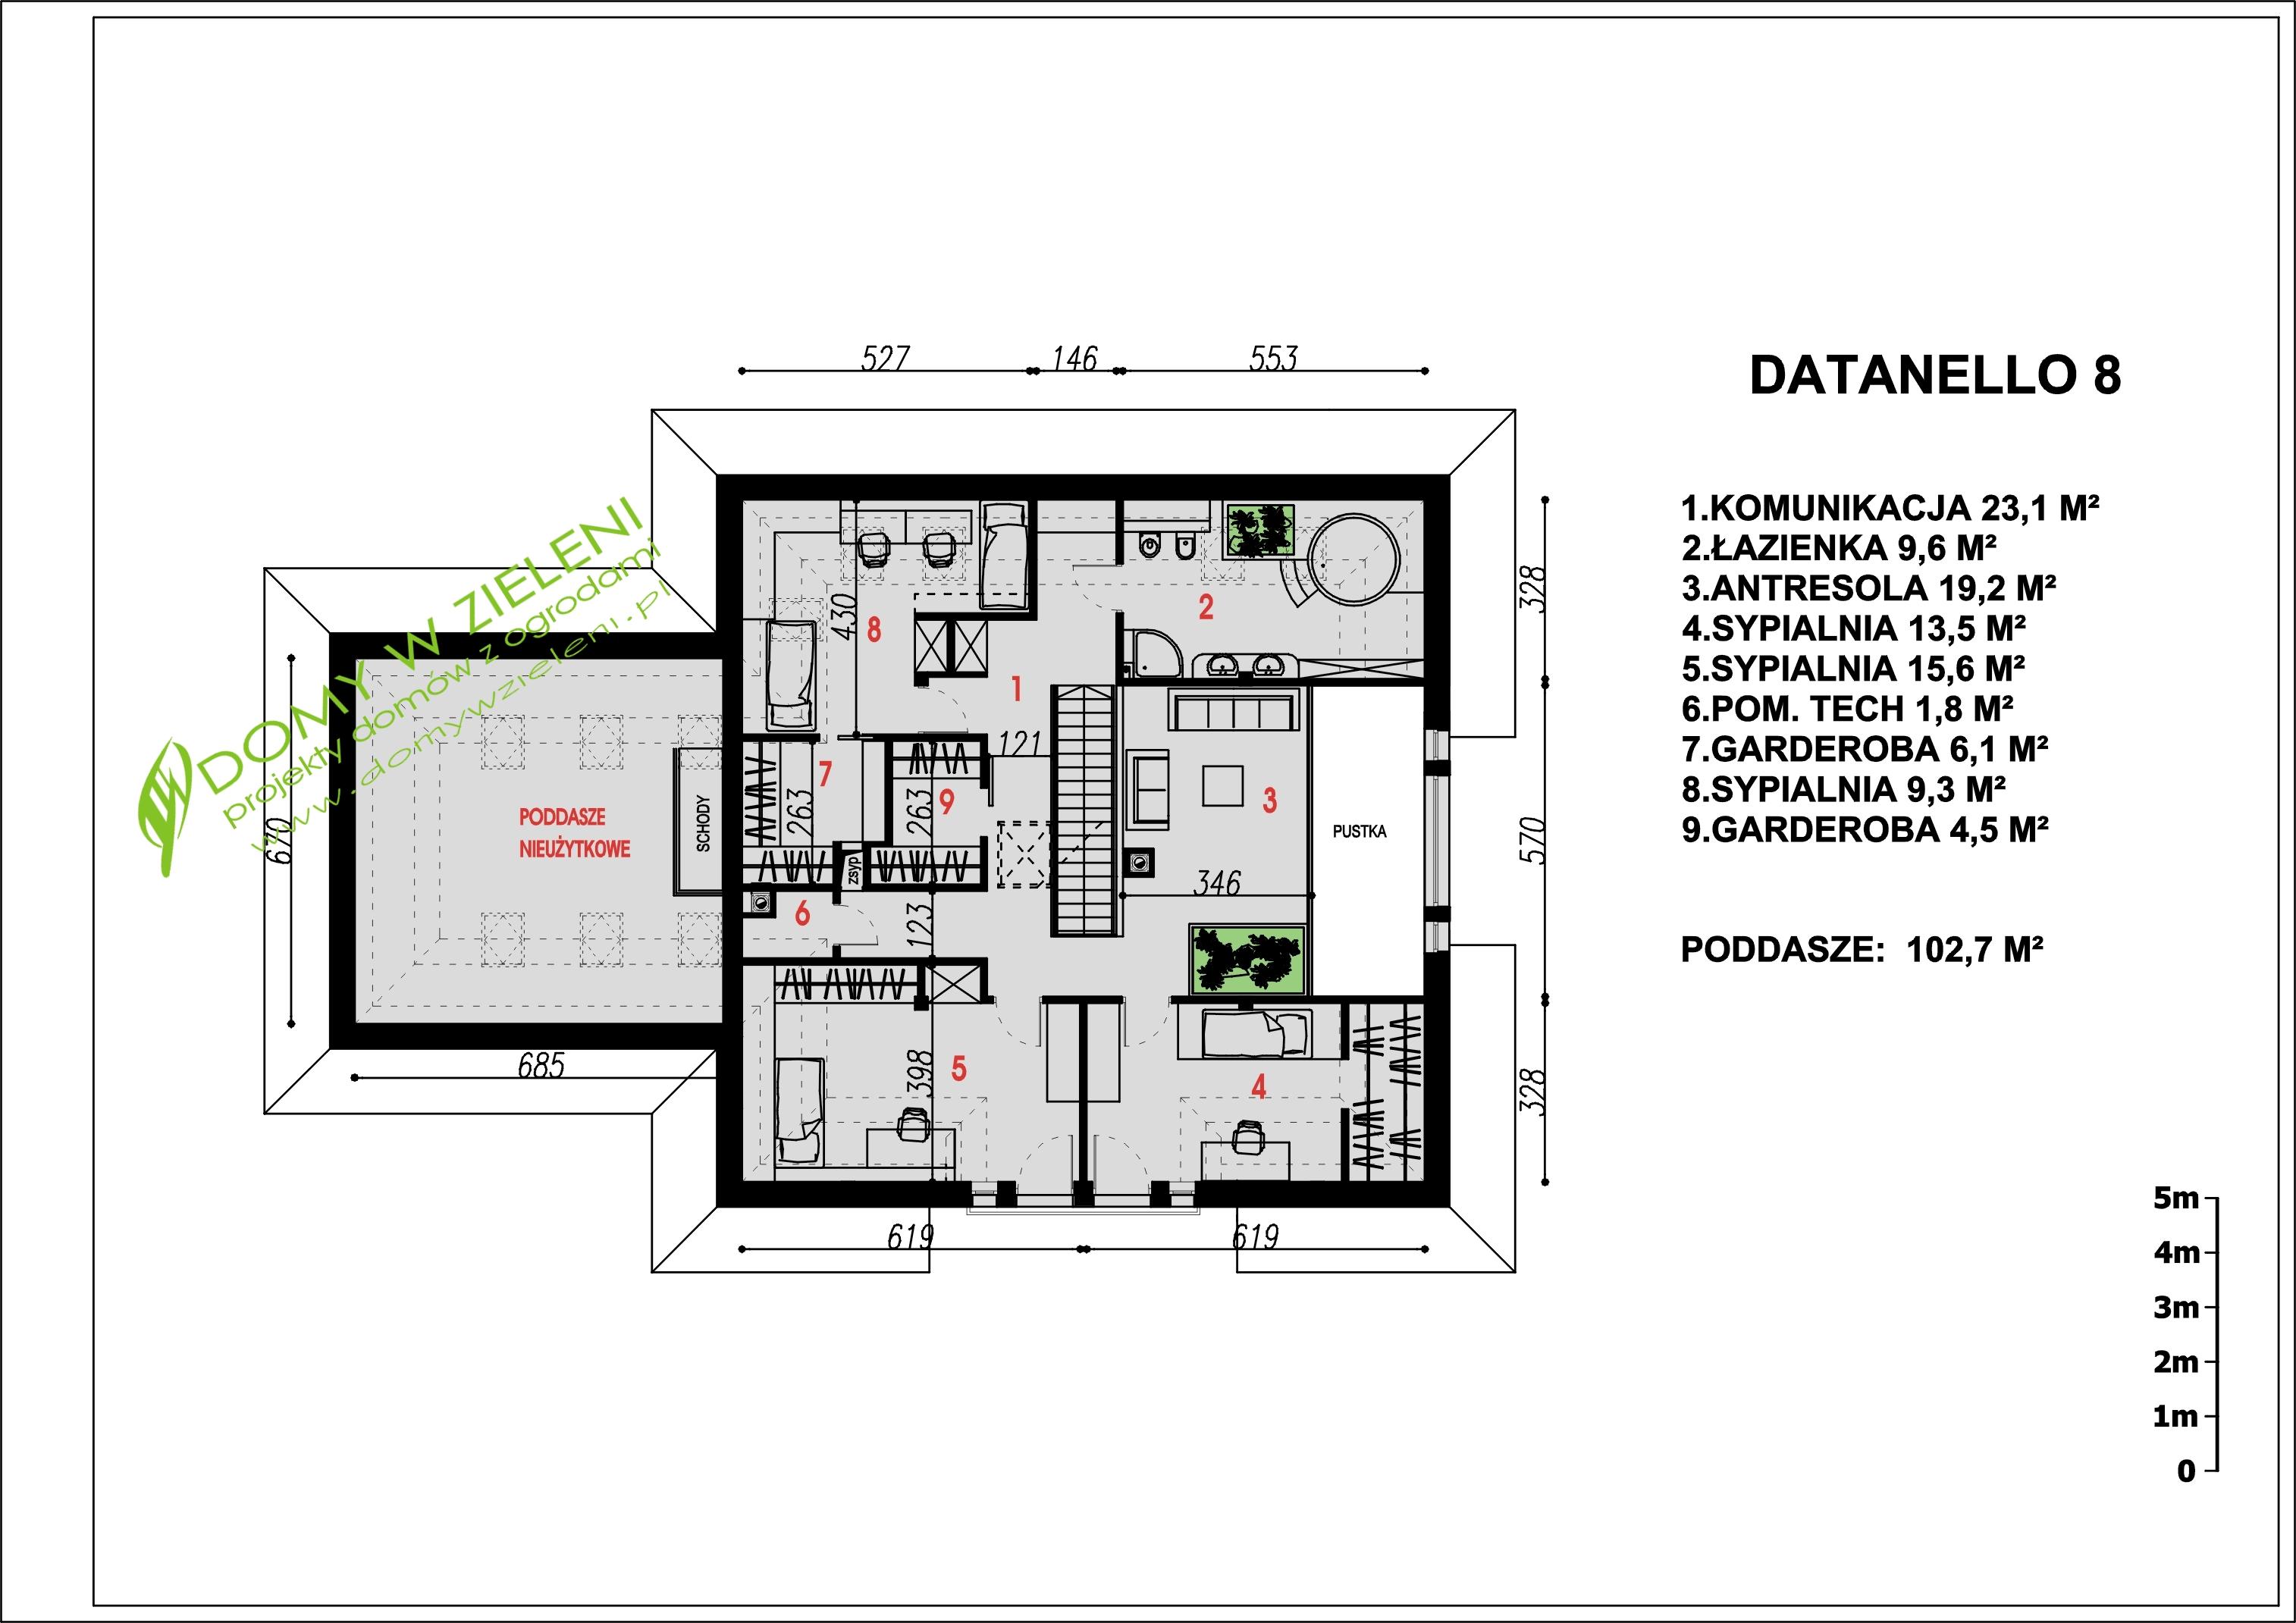 Datanello9-10-PODDASZE-BL_1_.jpg